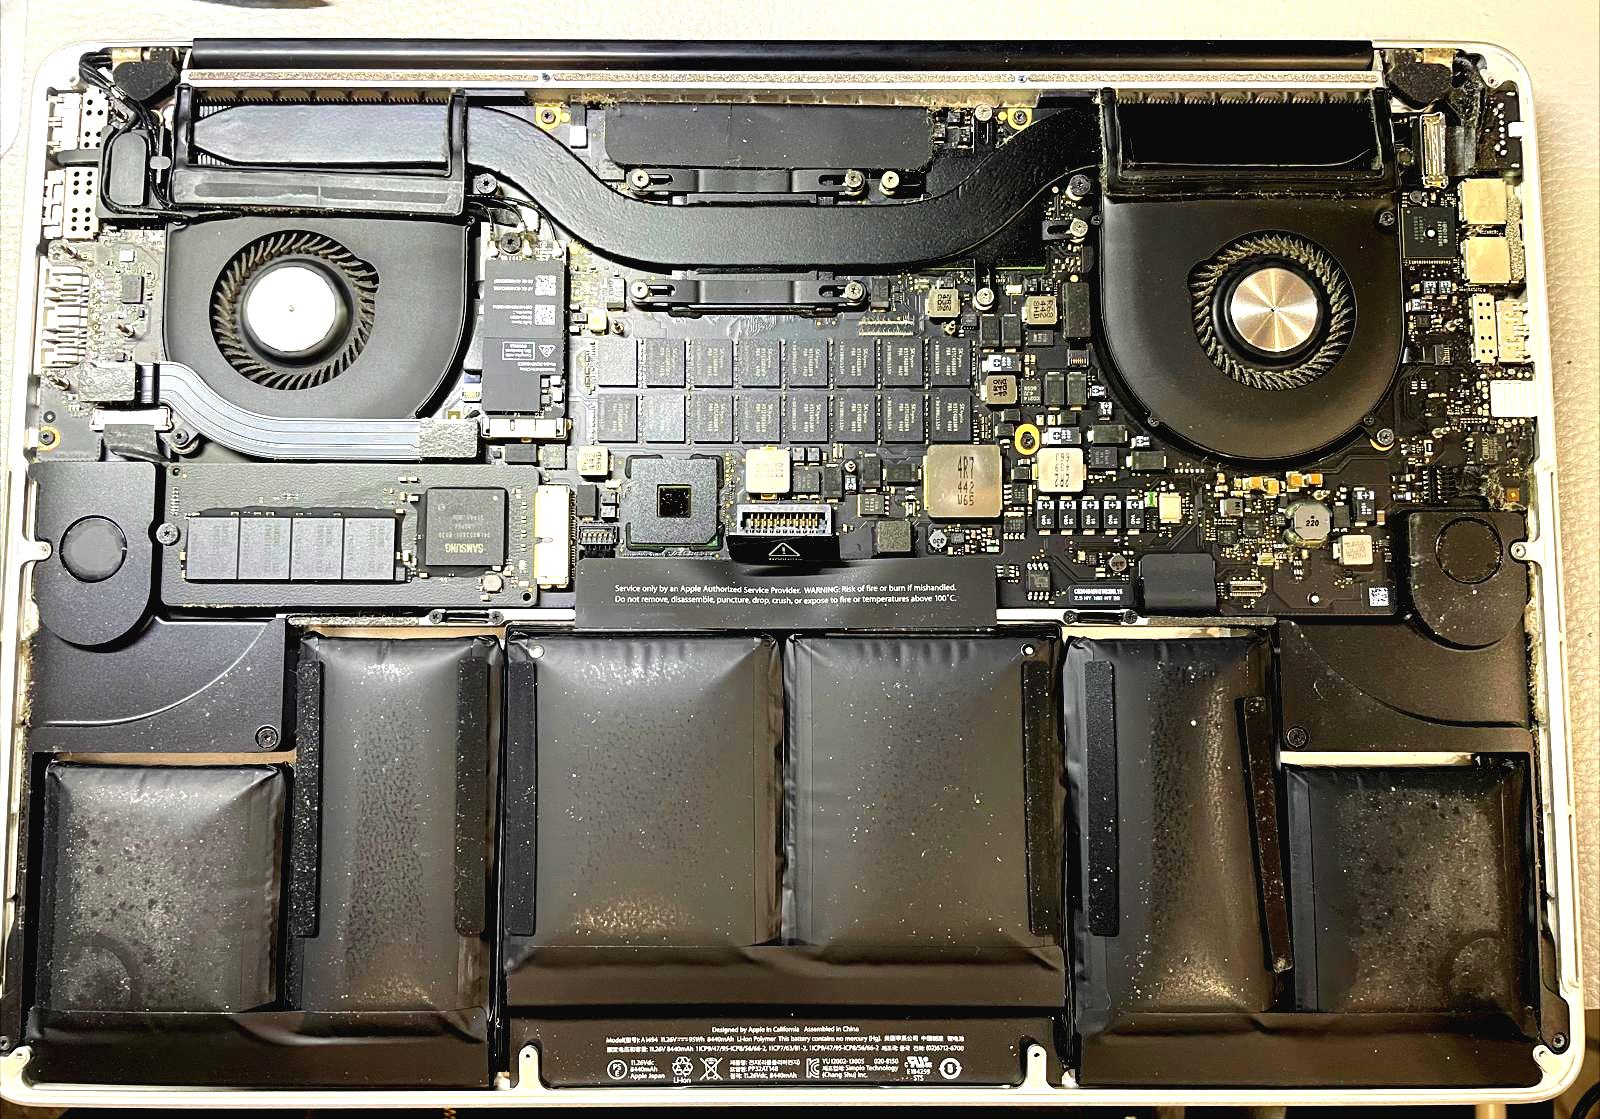 Bloated Laptop Battery: Is it dangerous?